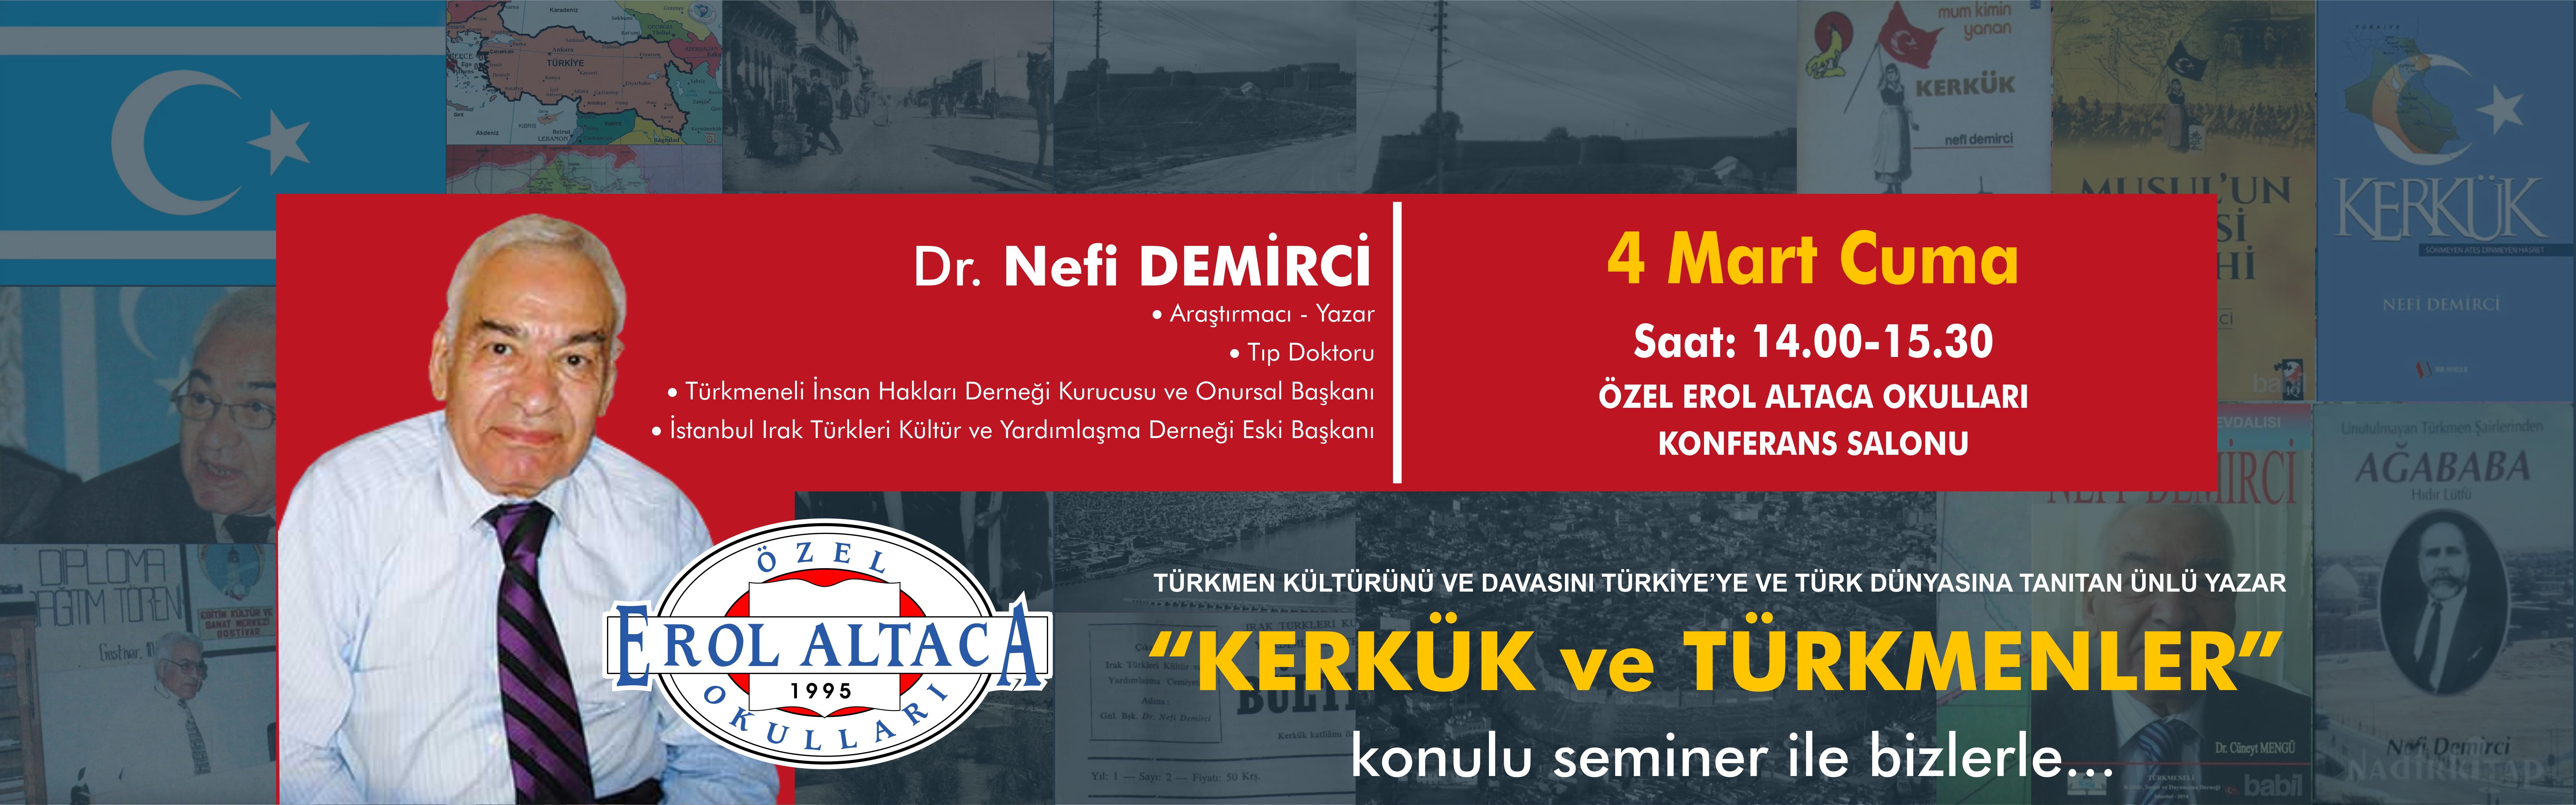 Dr.Nefi DEMİRCİ bizlerle...